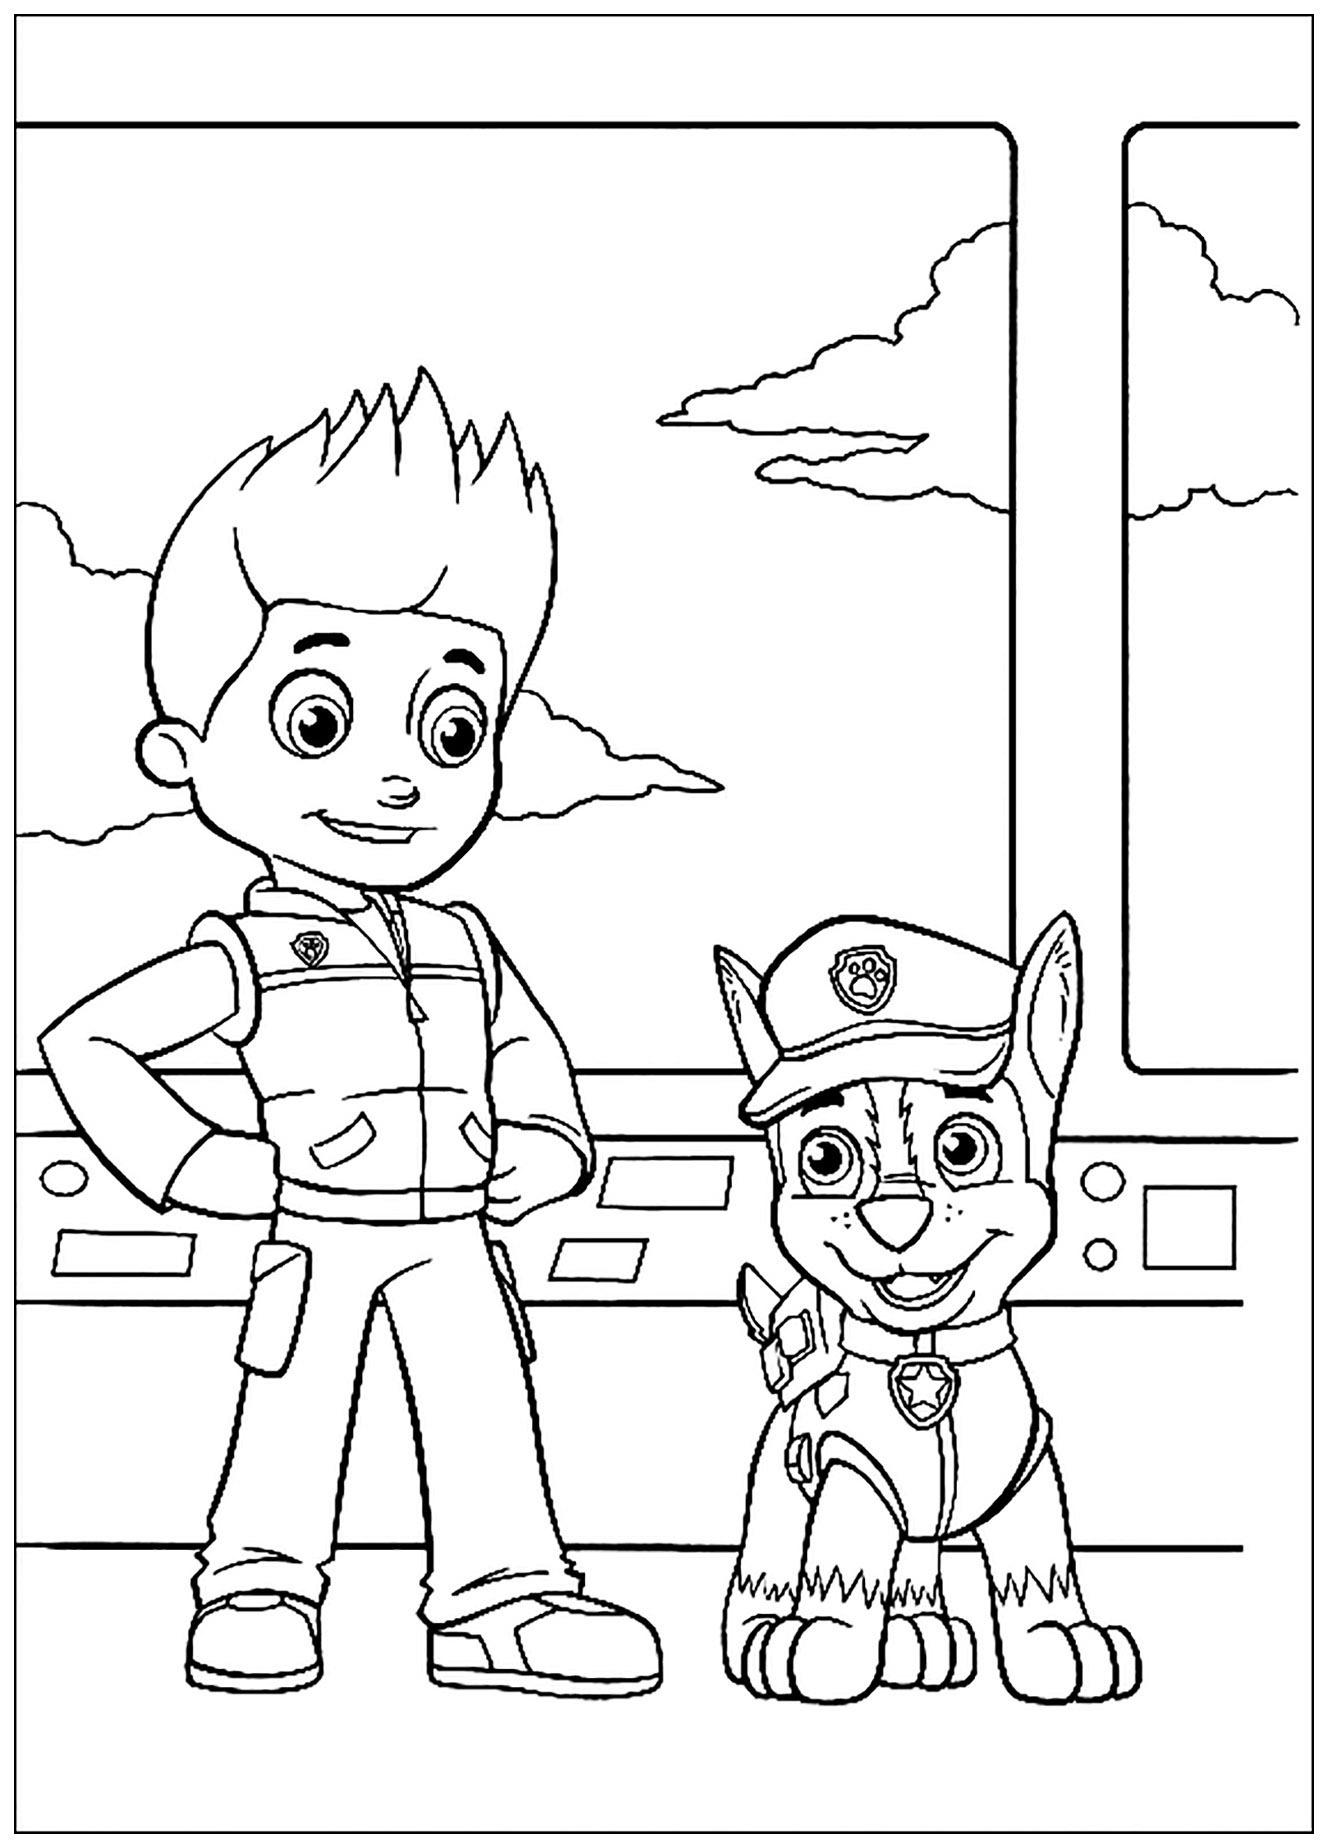 Pat patrouille le meilleur ami de l homme coloriage pat - Enfants coloriage ...